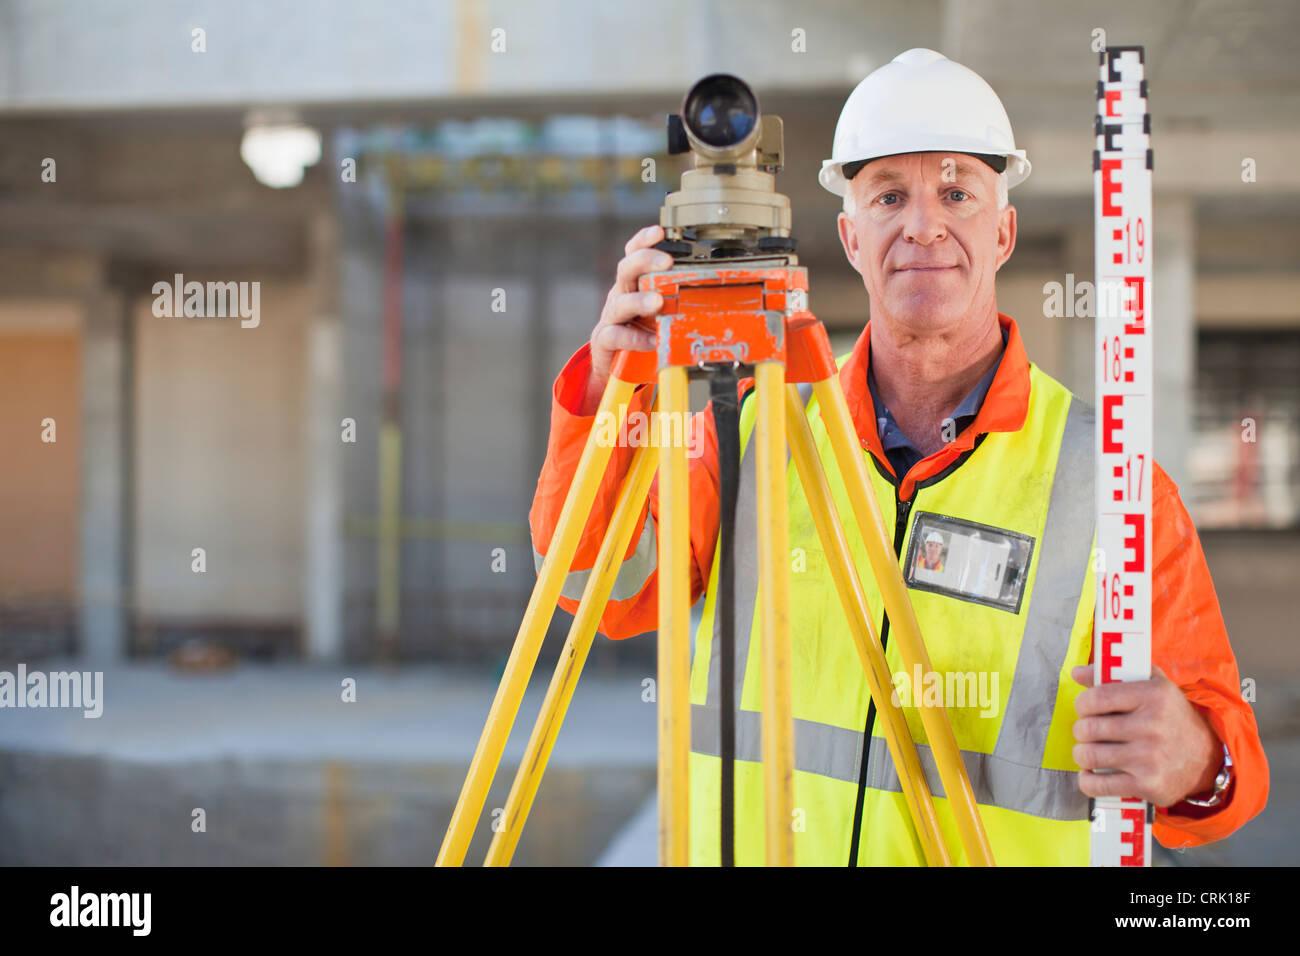 Lavoratore utilizzando attrezzature in loco Immagini Stock